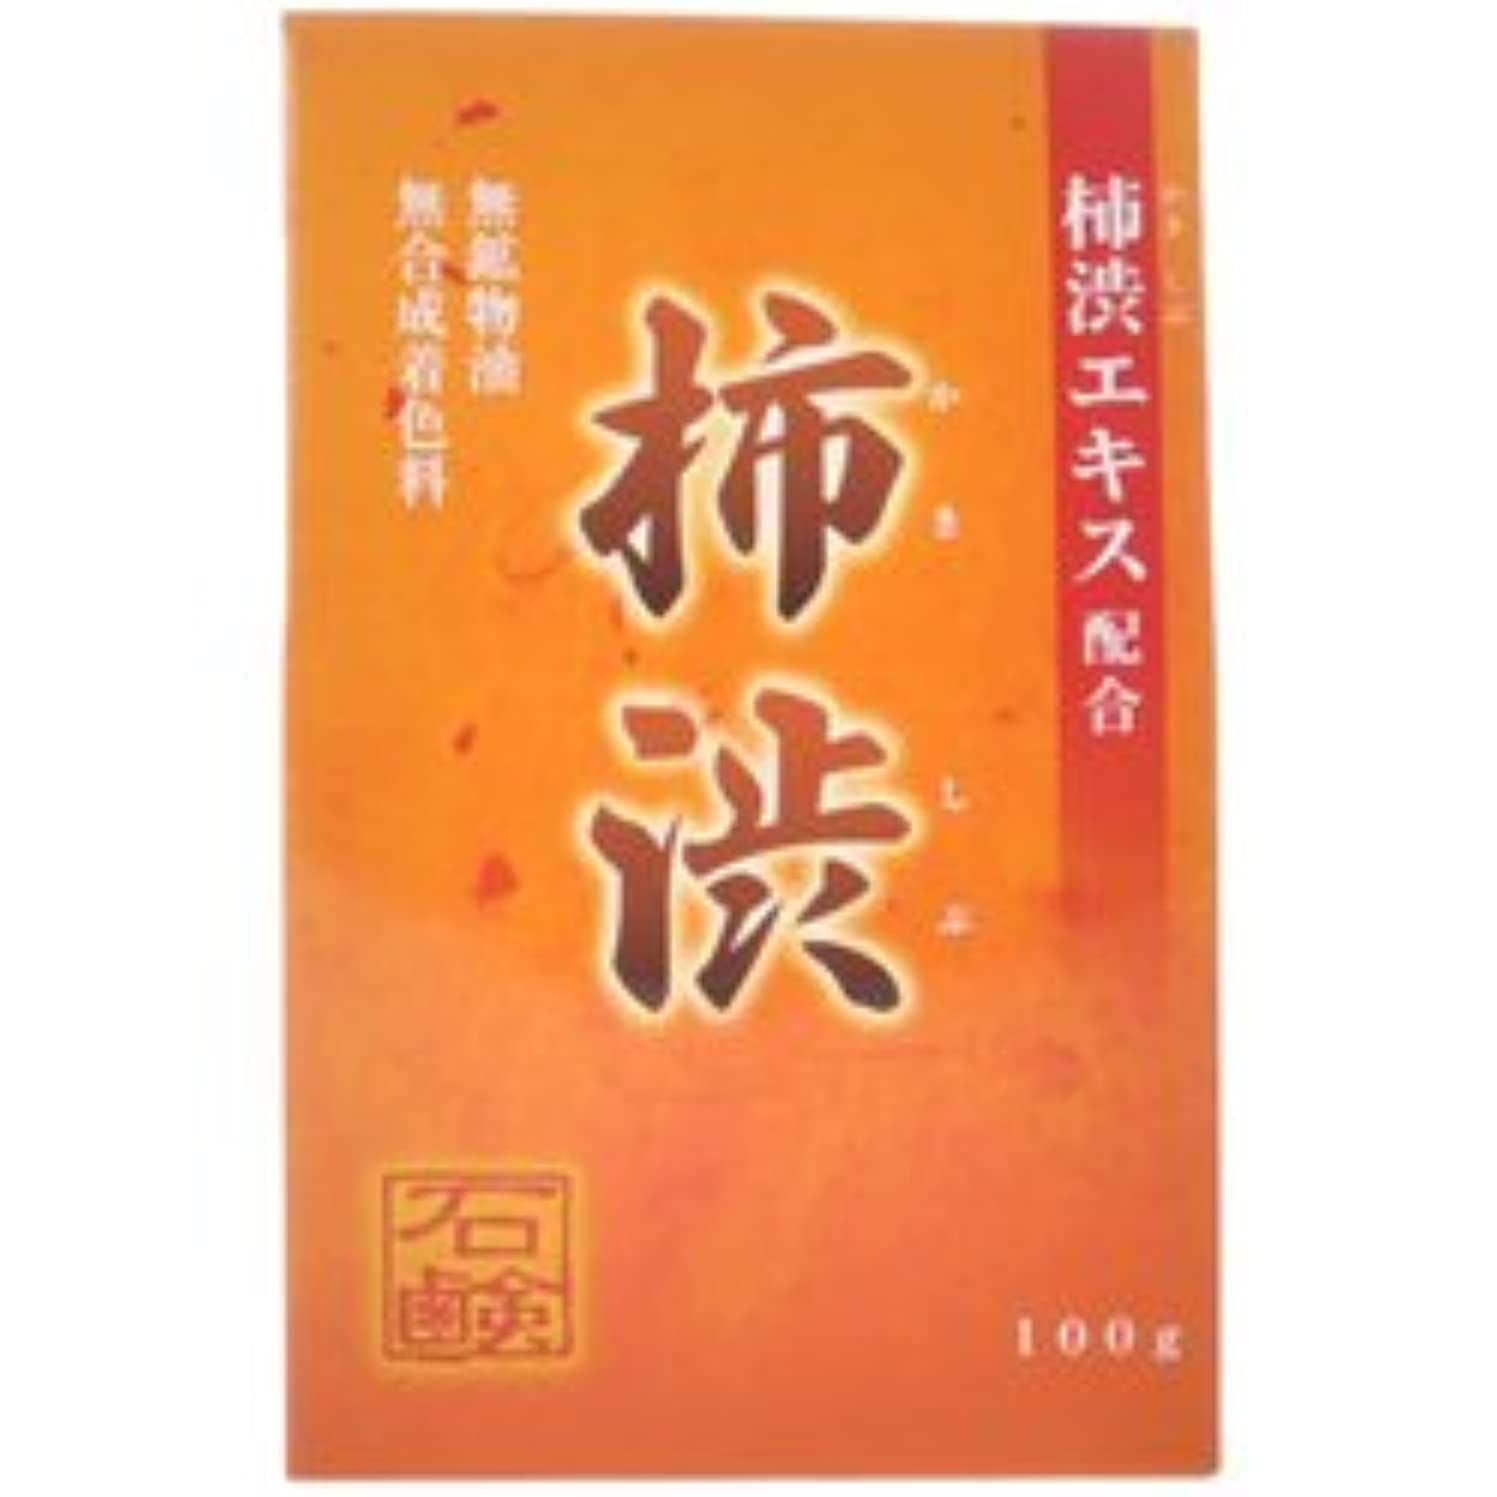 レシピバスケットボール料理【アール?エイチ?ビープロダクト】新 柿渋石鹸 100g ×10個セット